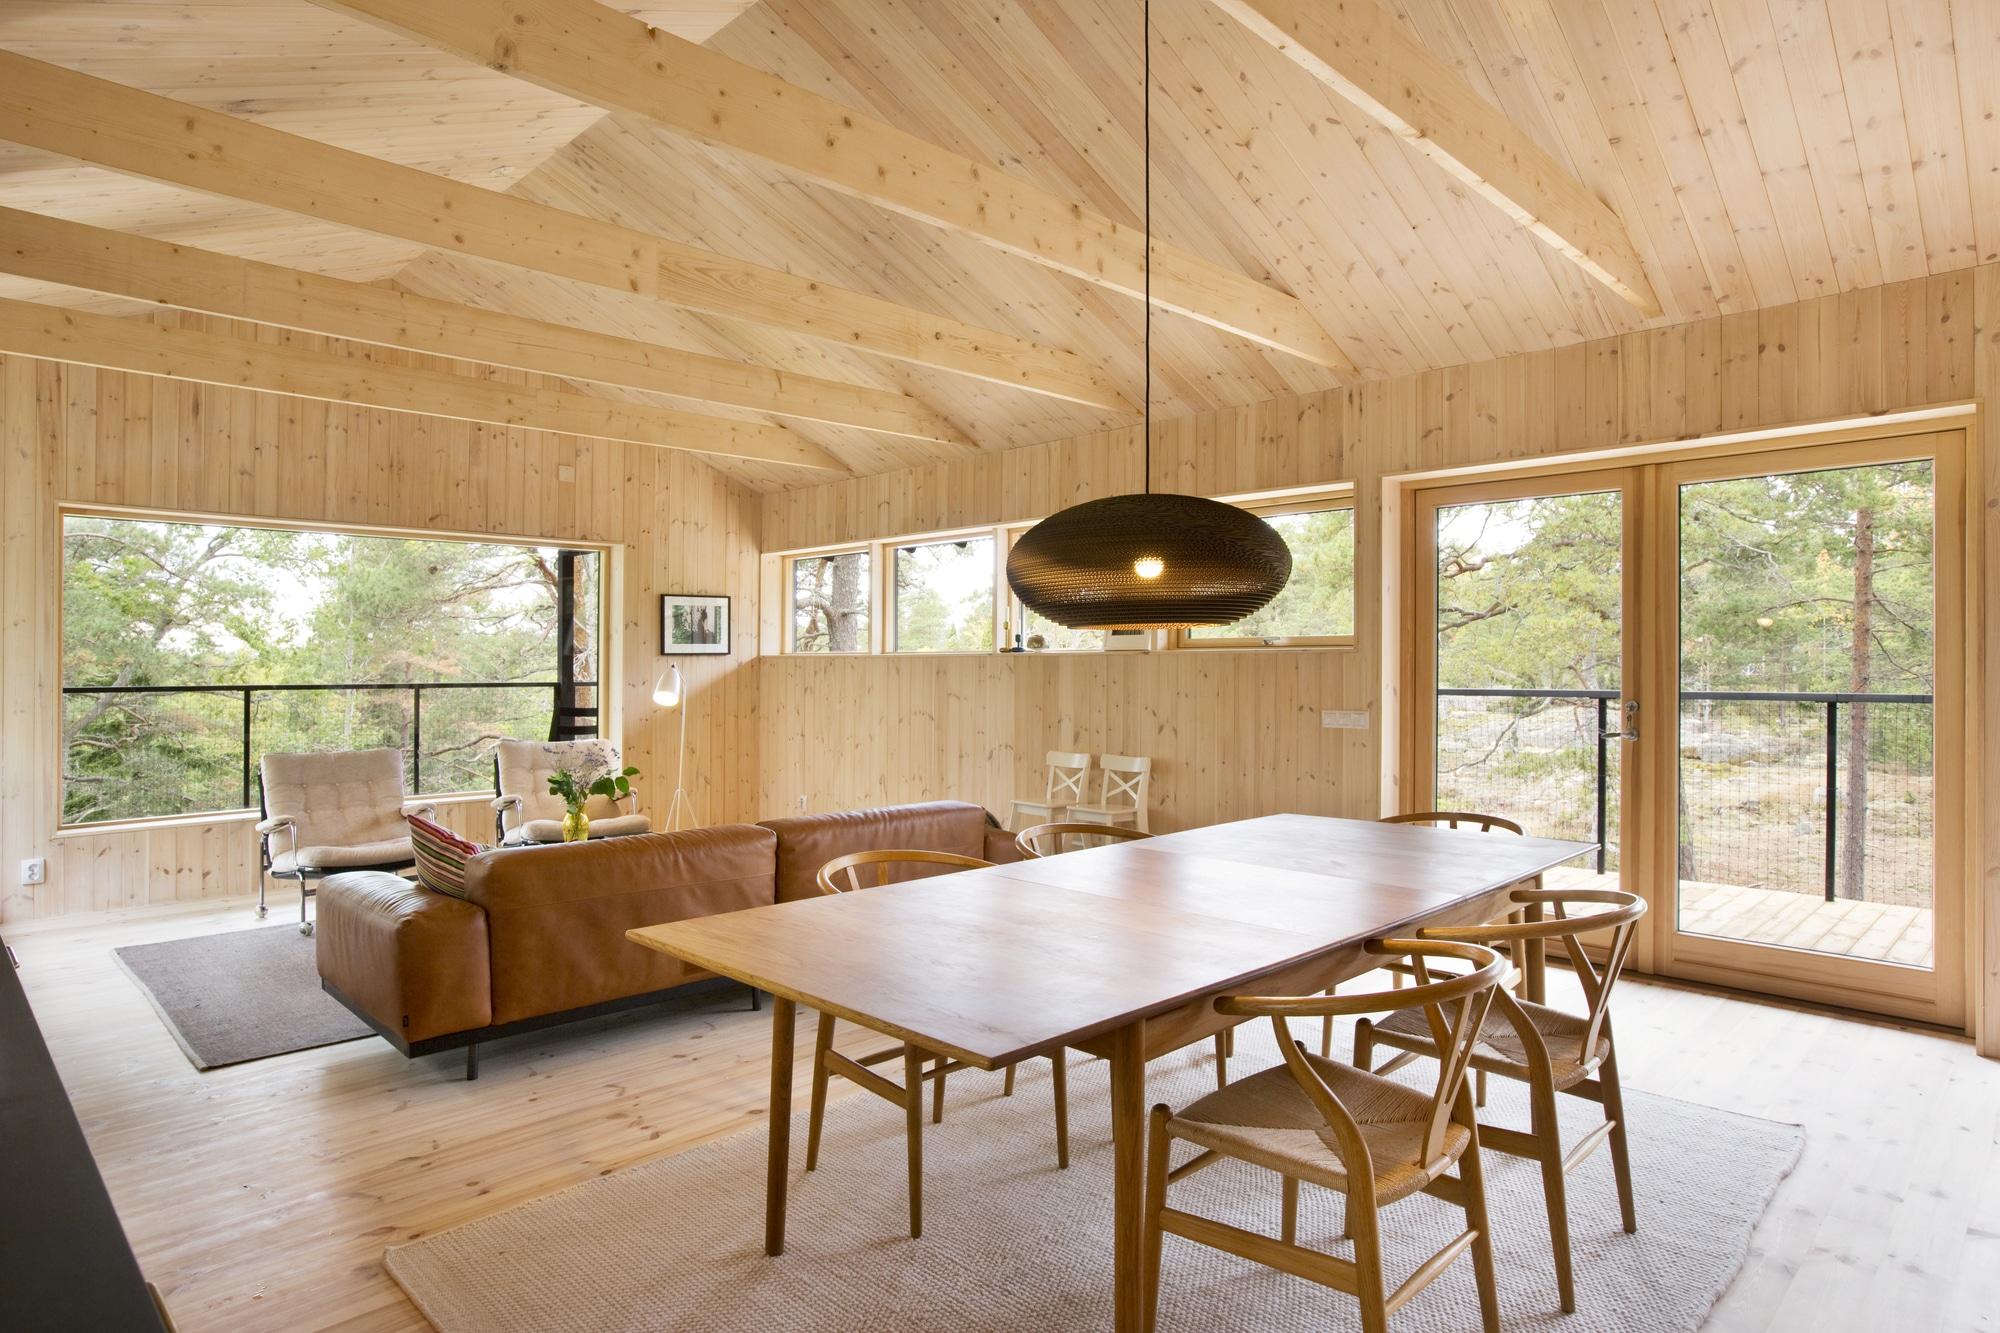 Dise o de casa peque a de madera fachada planos for Decoracion de interiores madera